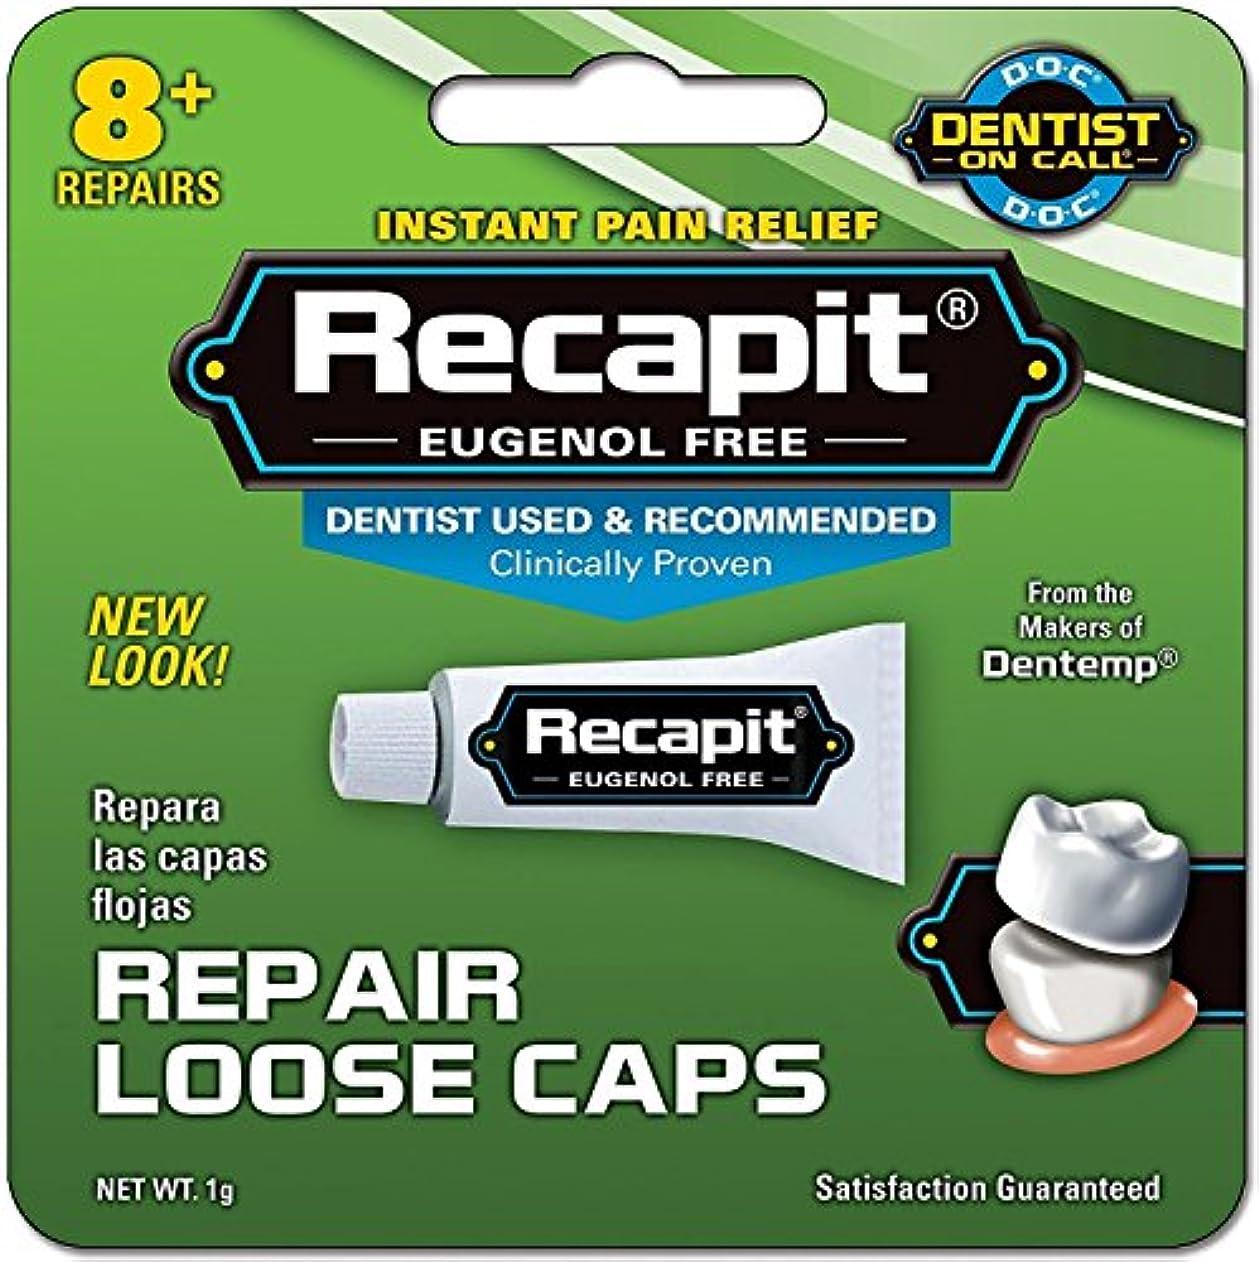 チャペル持っている通貨Doc Recapitルースキャップ歯科修復 - 8つの修理、2パック